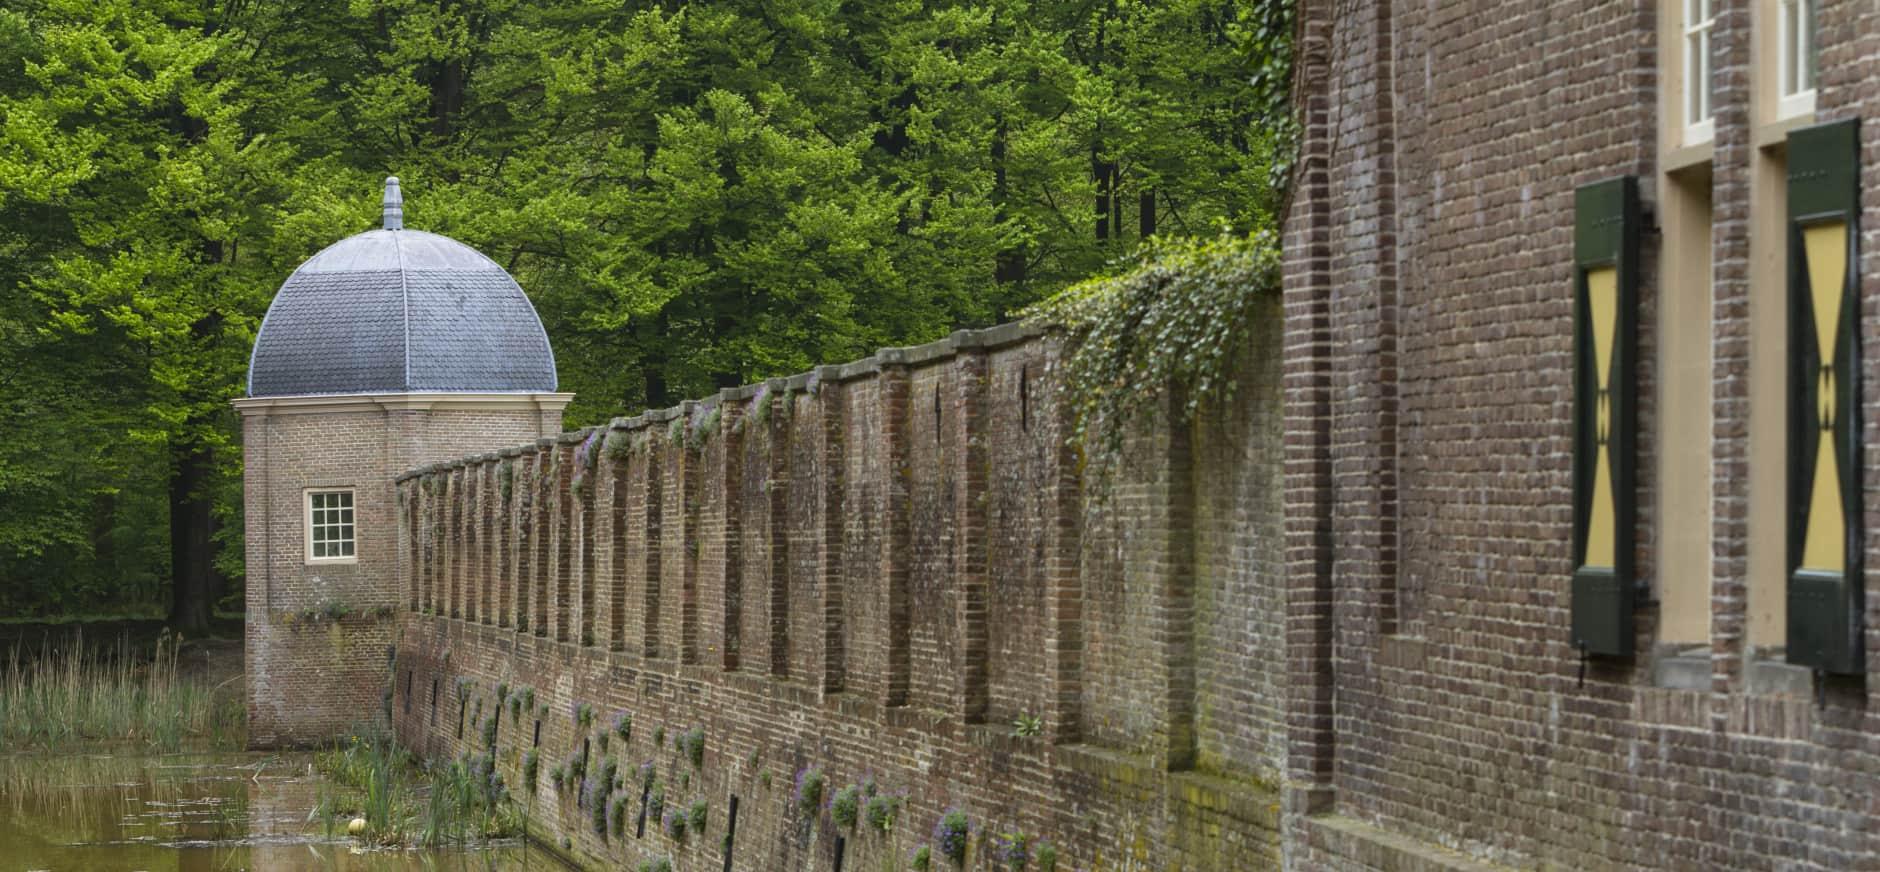 aubrietia kasteelmuren Eerde